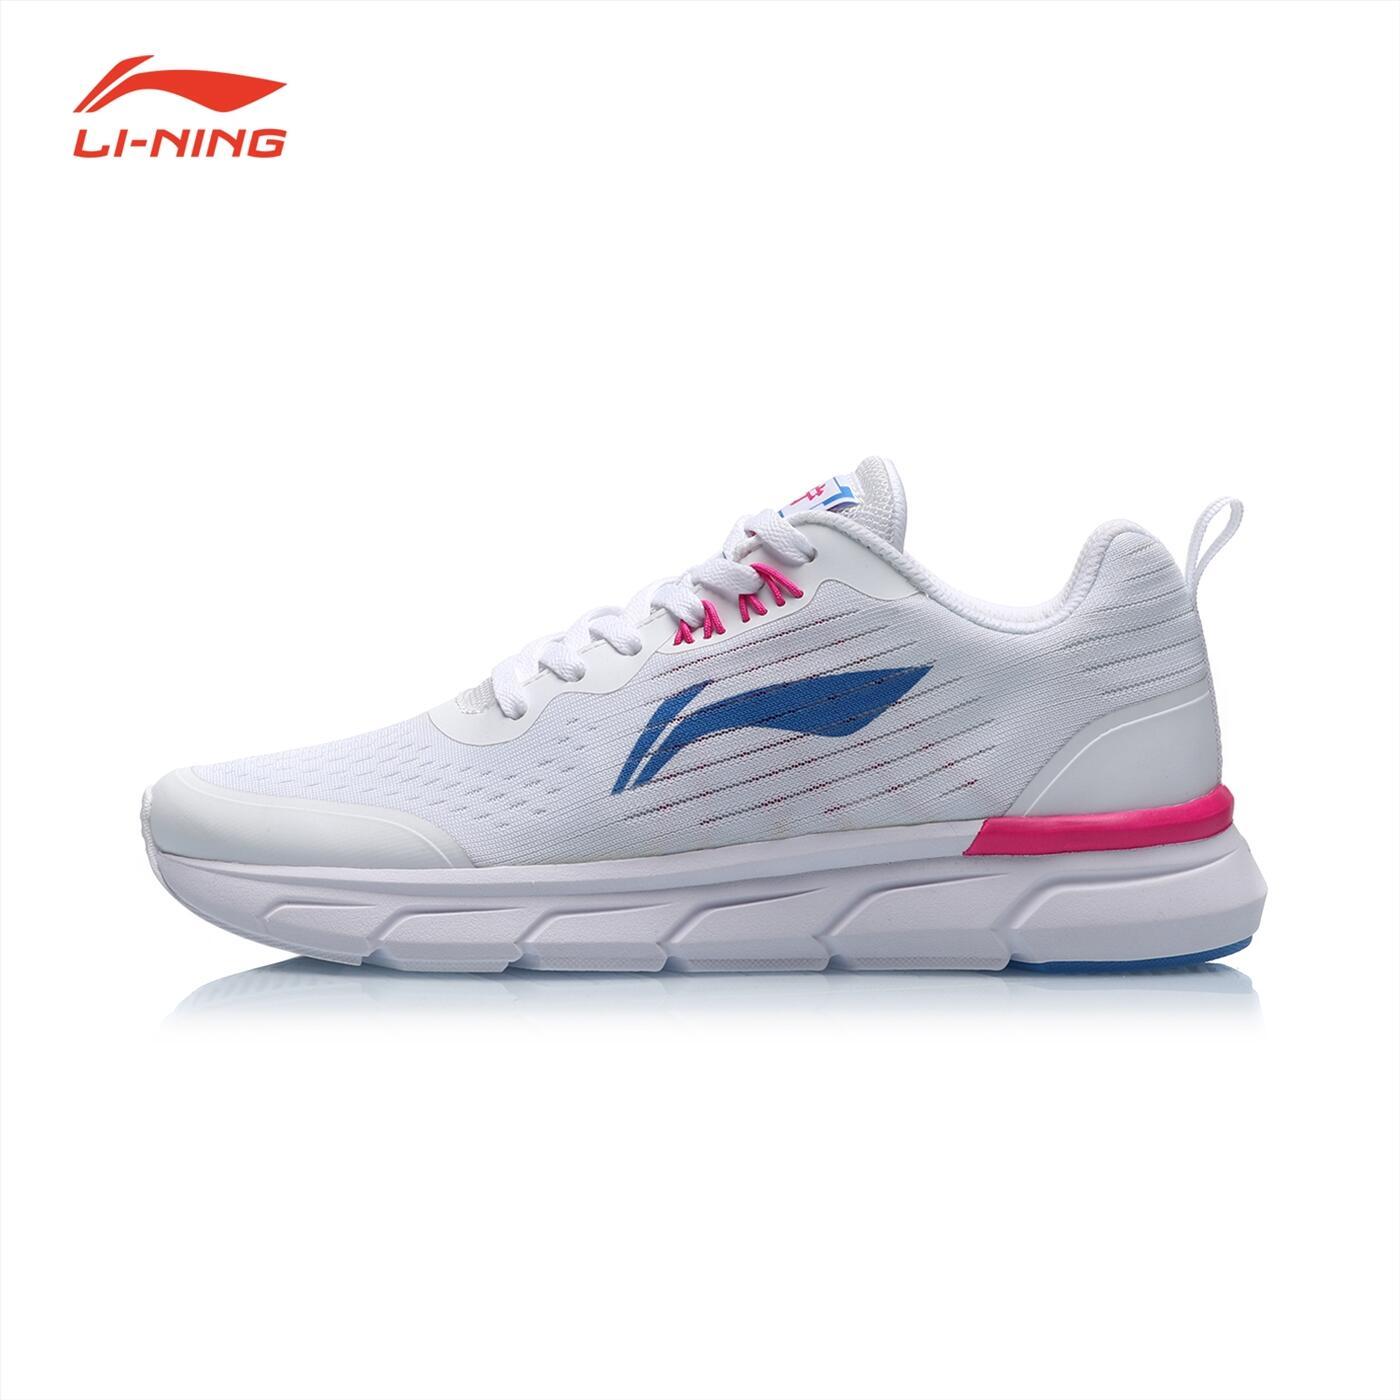 Giày thể thao nữ chạy bộ Lining ARHP158-1